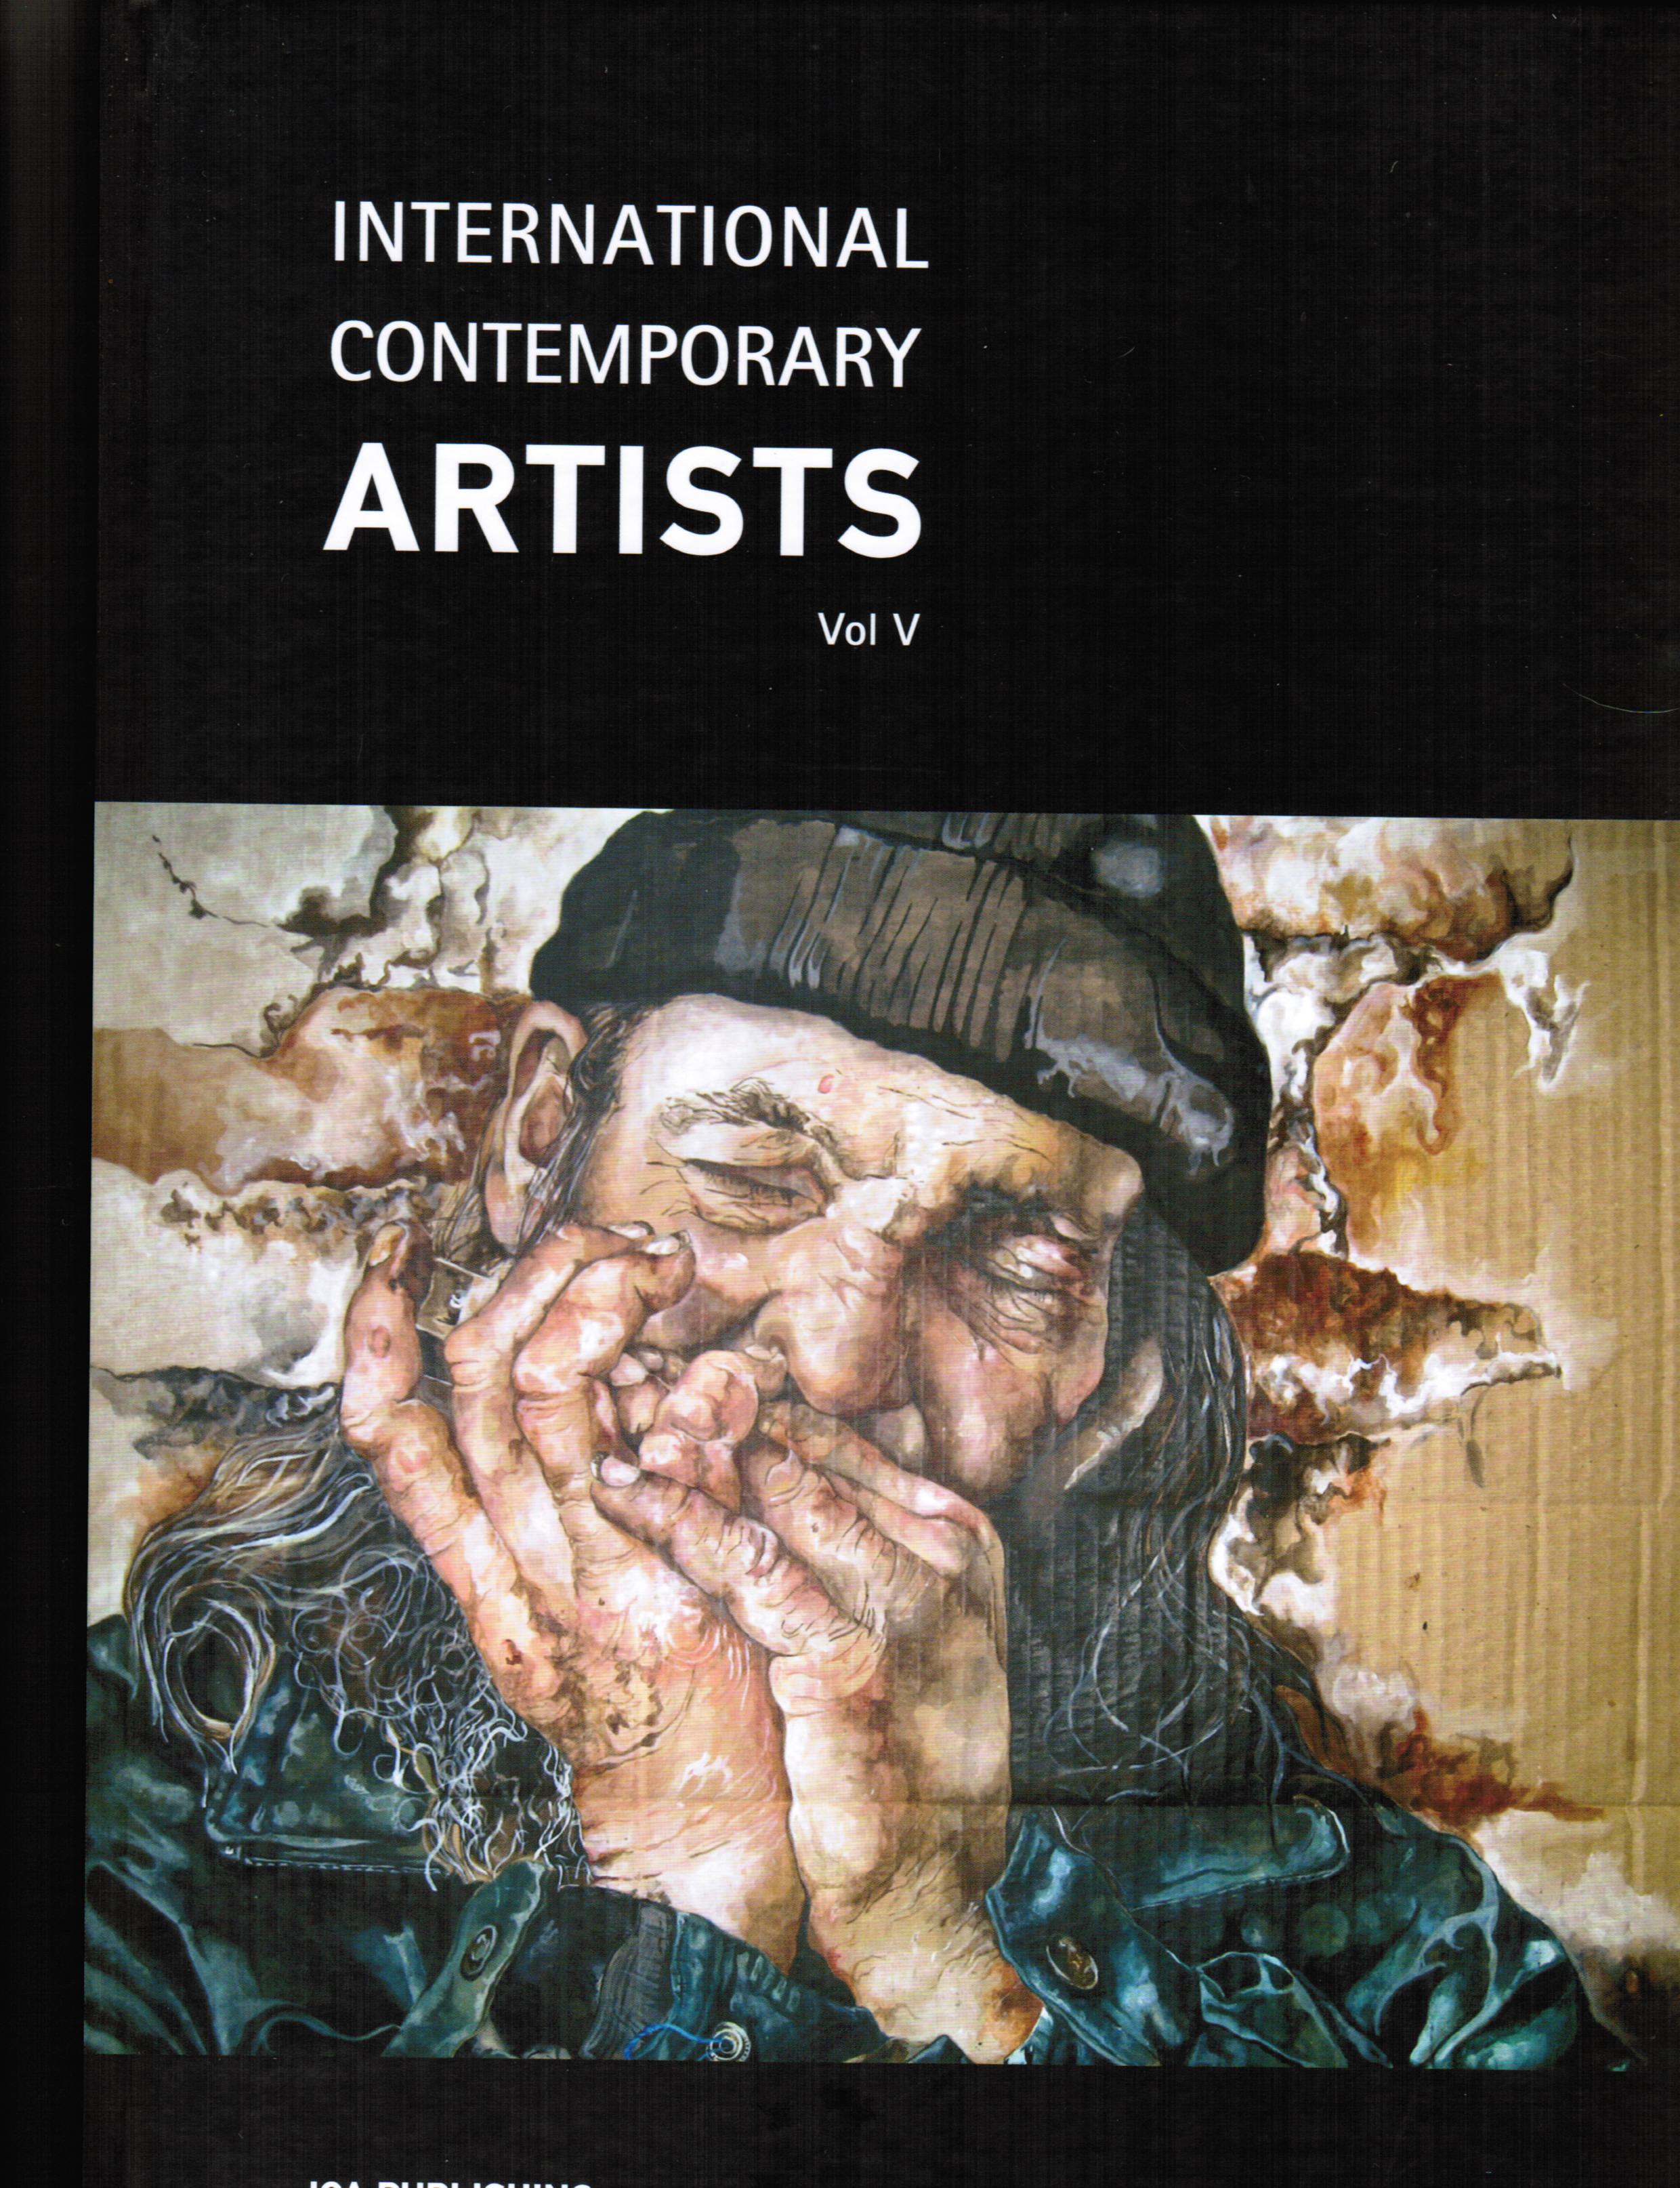 InternationalContemporary ArtistsVol.5.jpg